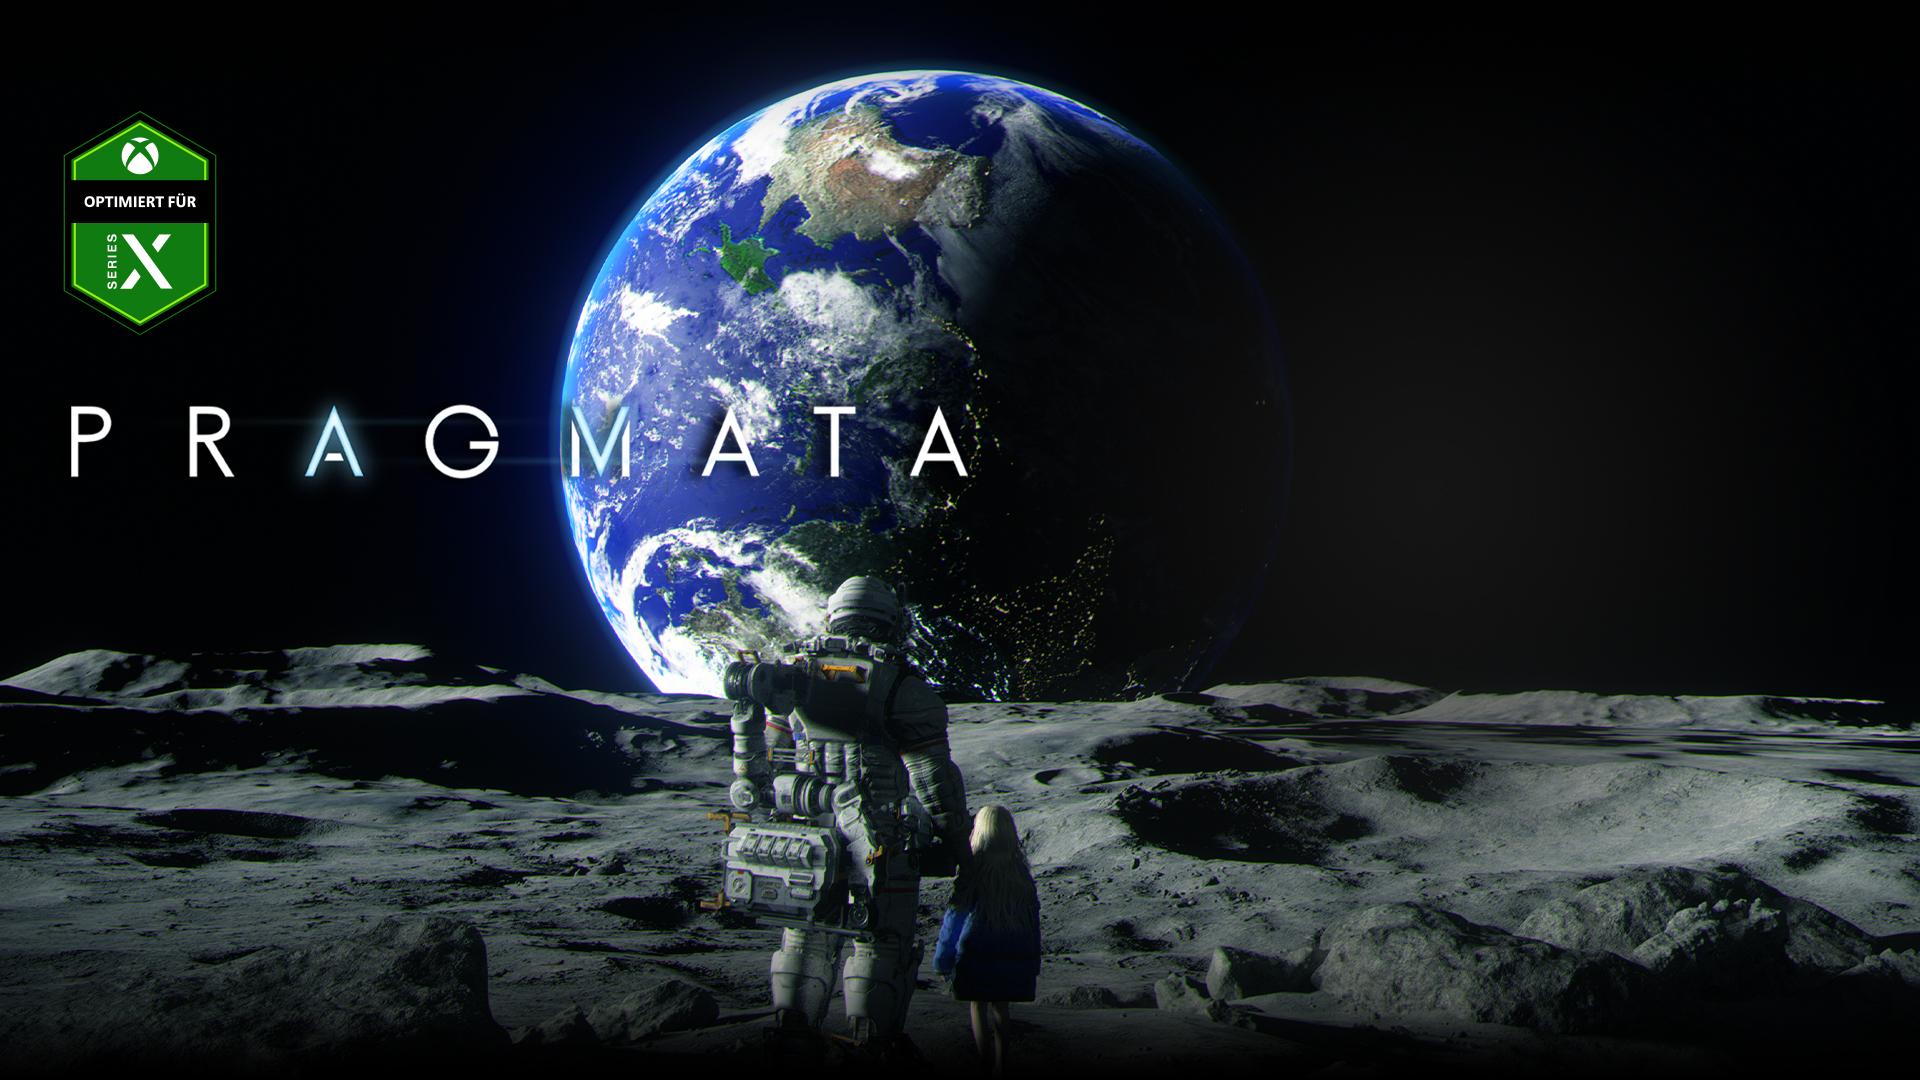 Optimiert für Xbox Series X-Logo, Pragmata, ein Astronaut und ein junges Mädchen stehen zusammen auf dem Mond und betrachten die Erde